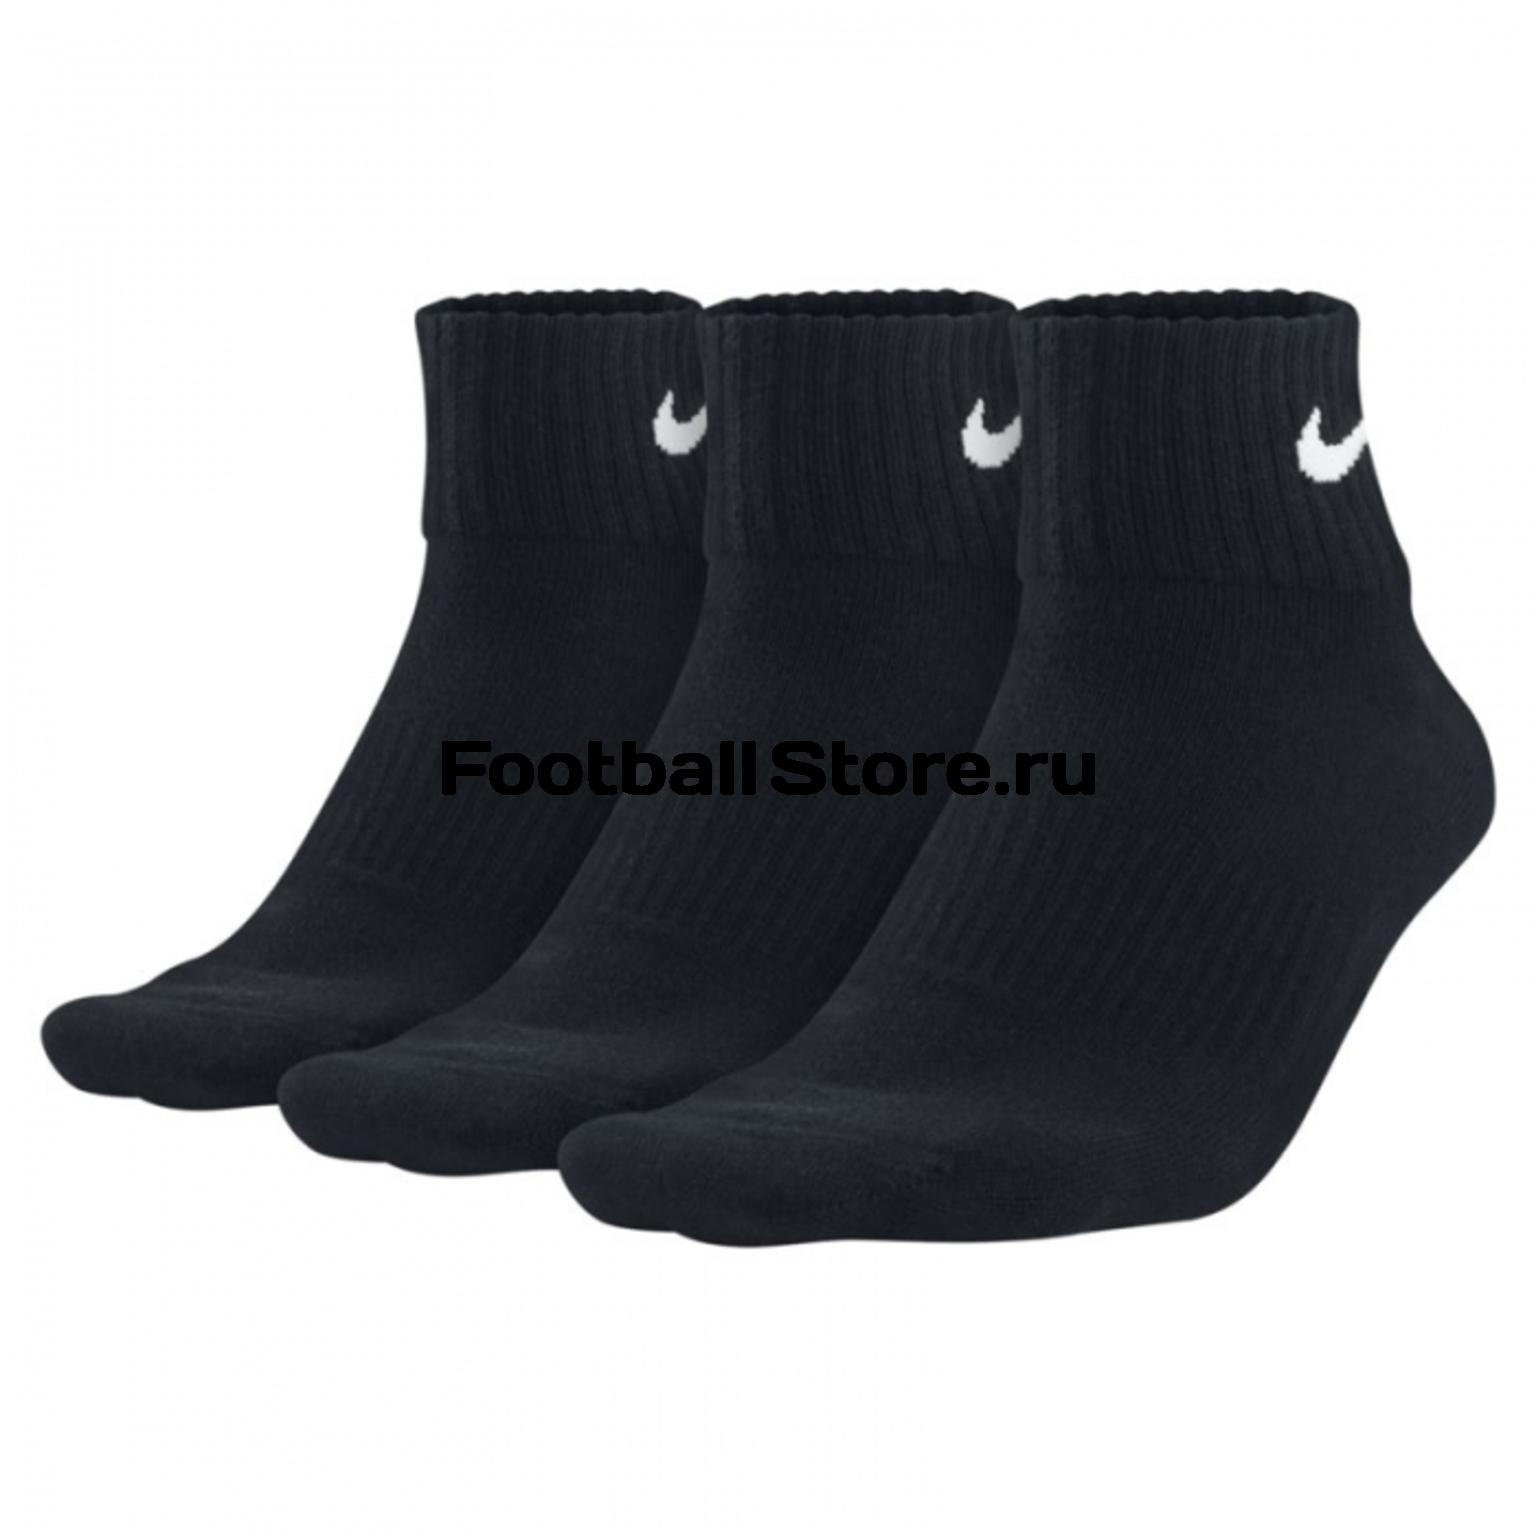 Носки Nike Носки короткие Nike (3 пары в Комплекте)